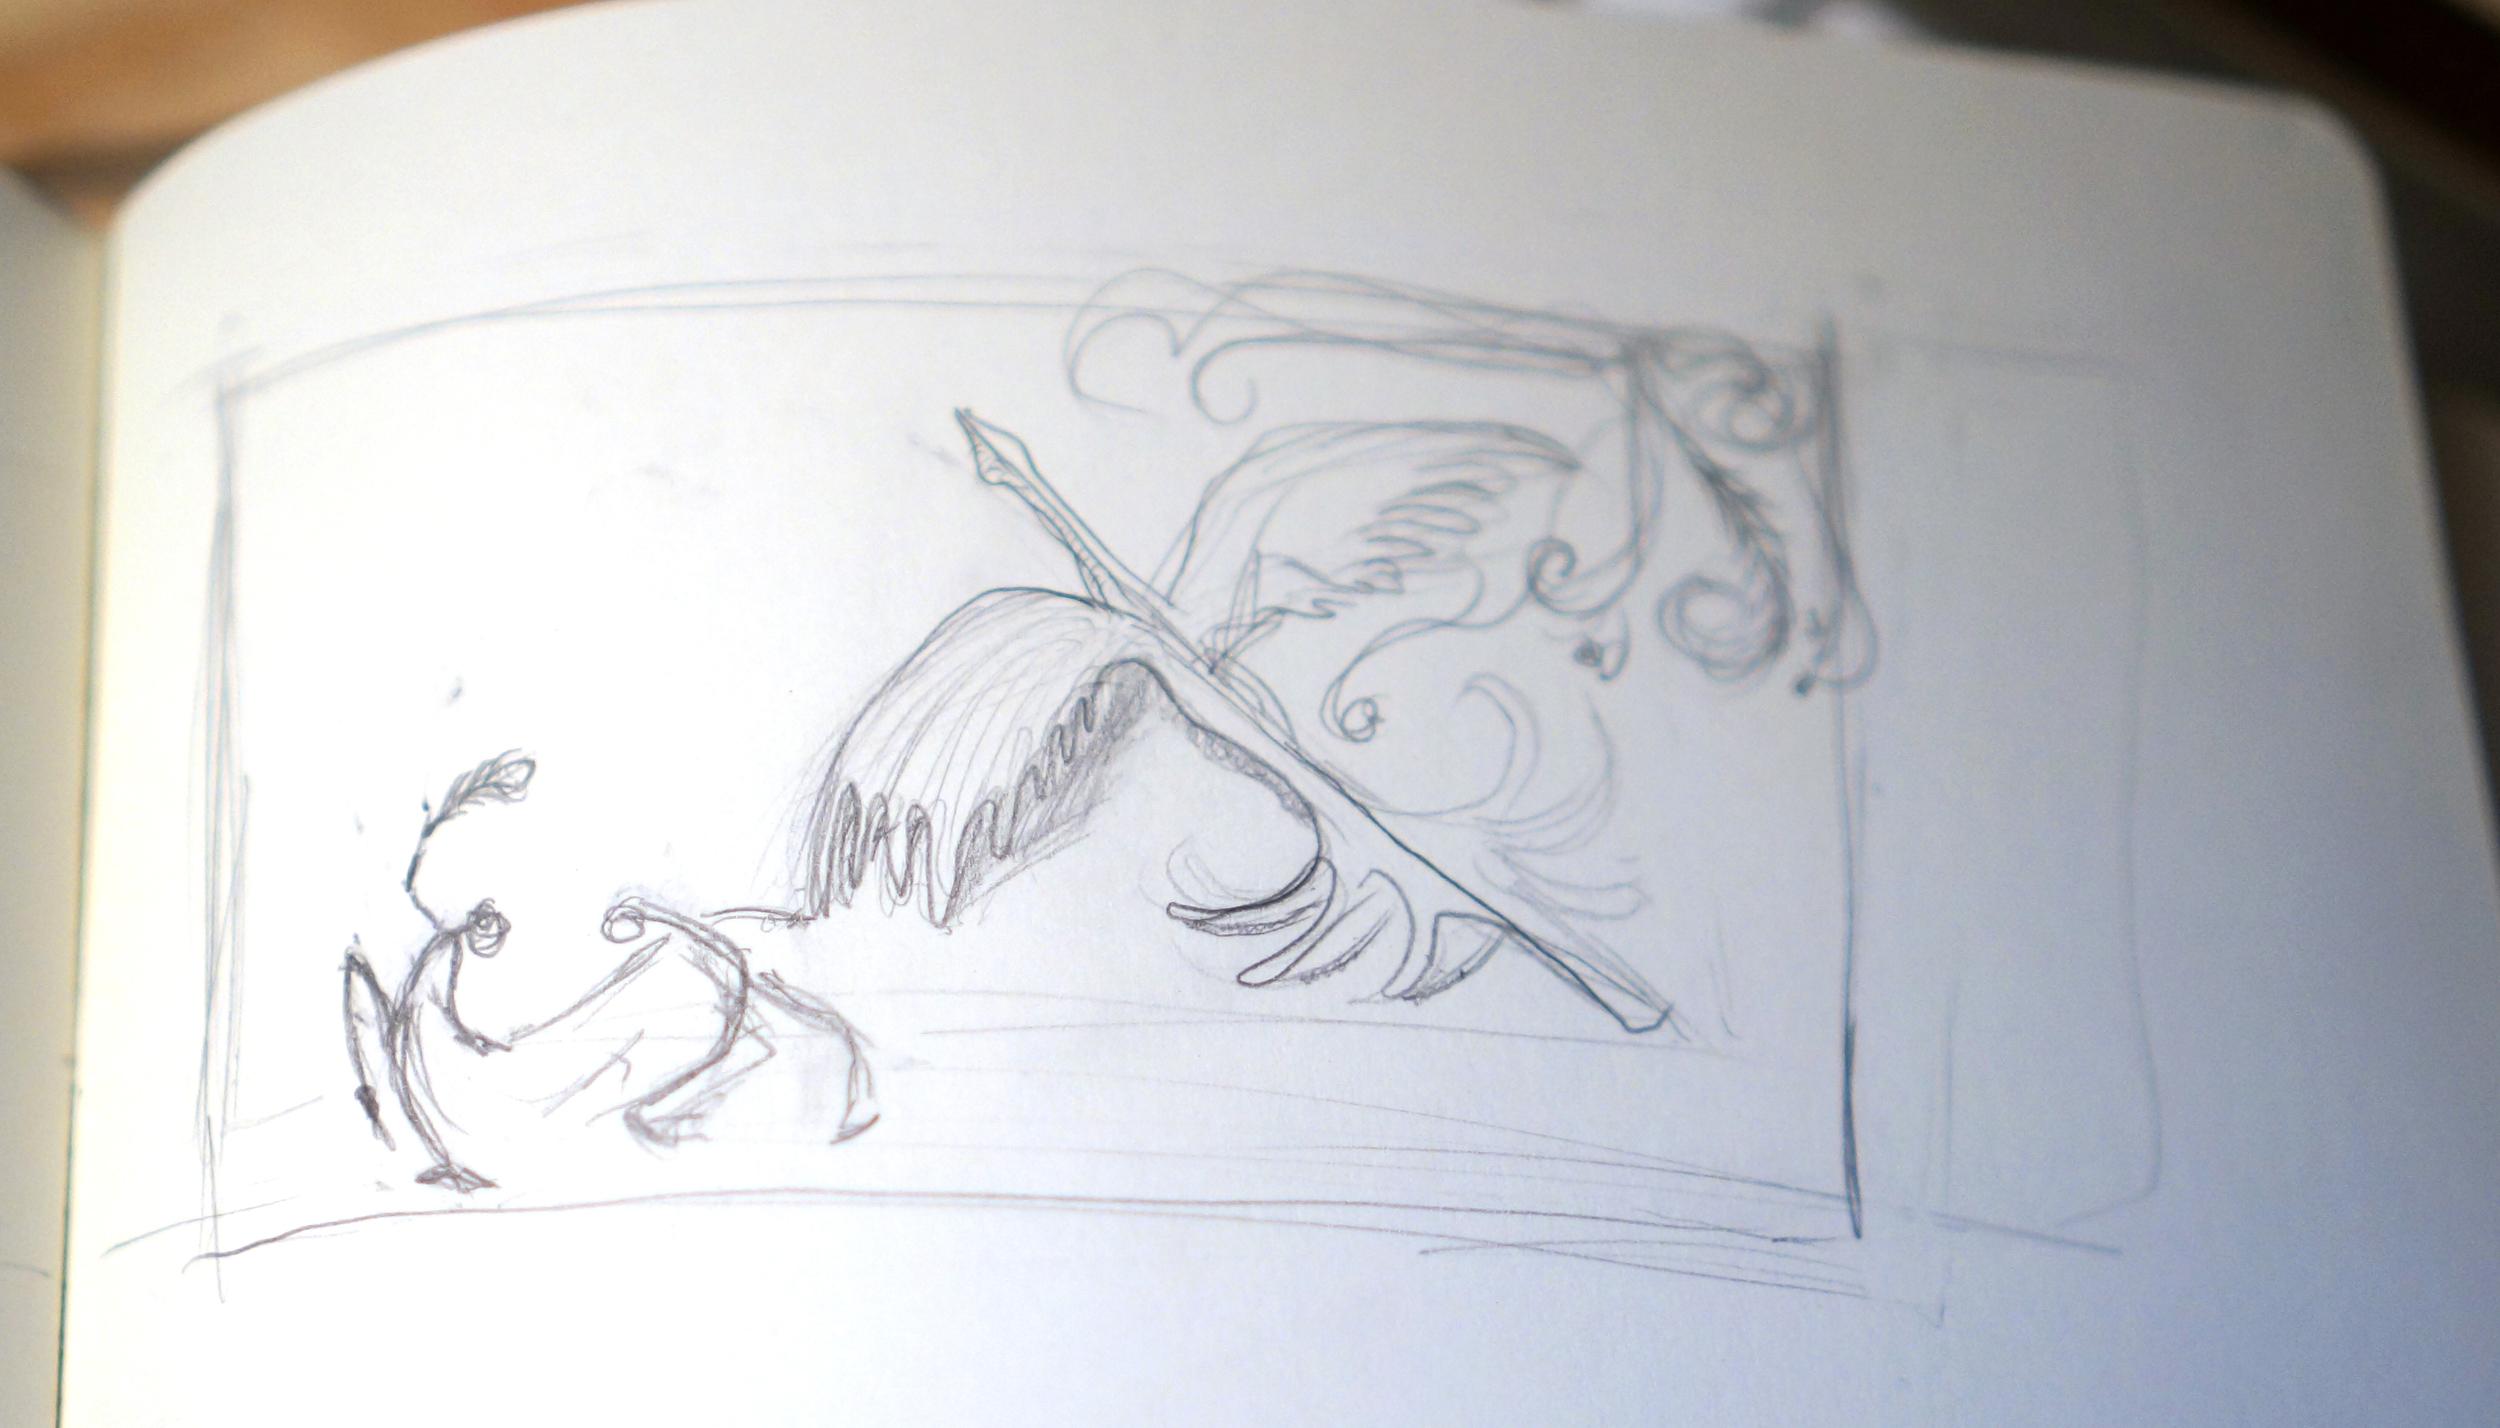 mural-preliminary-sketch.JPG